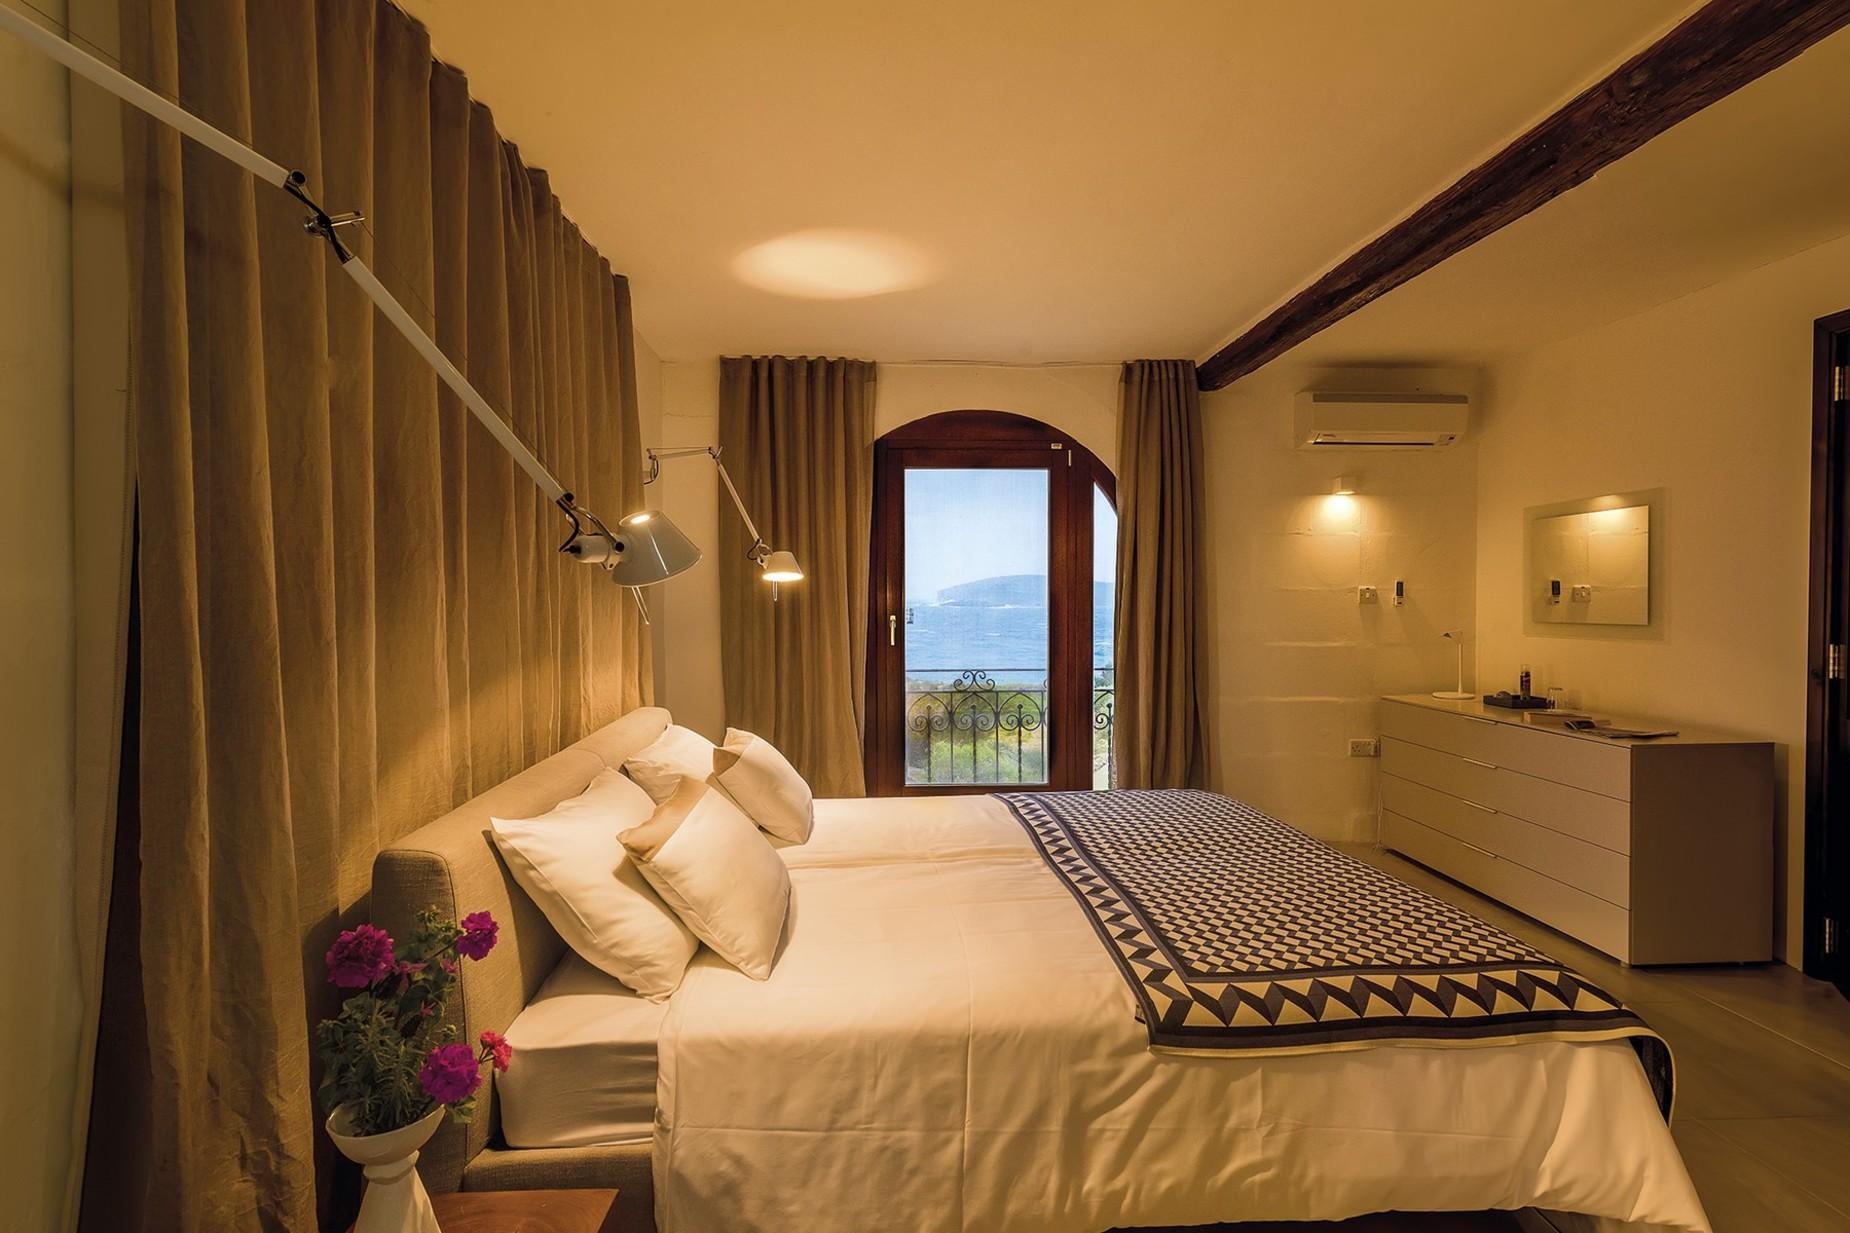 6 bed Villa For Rent in Qala, Qala - thumb 10